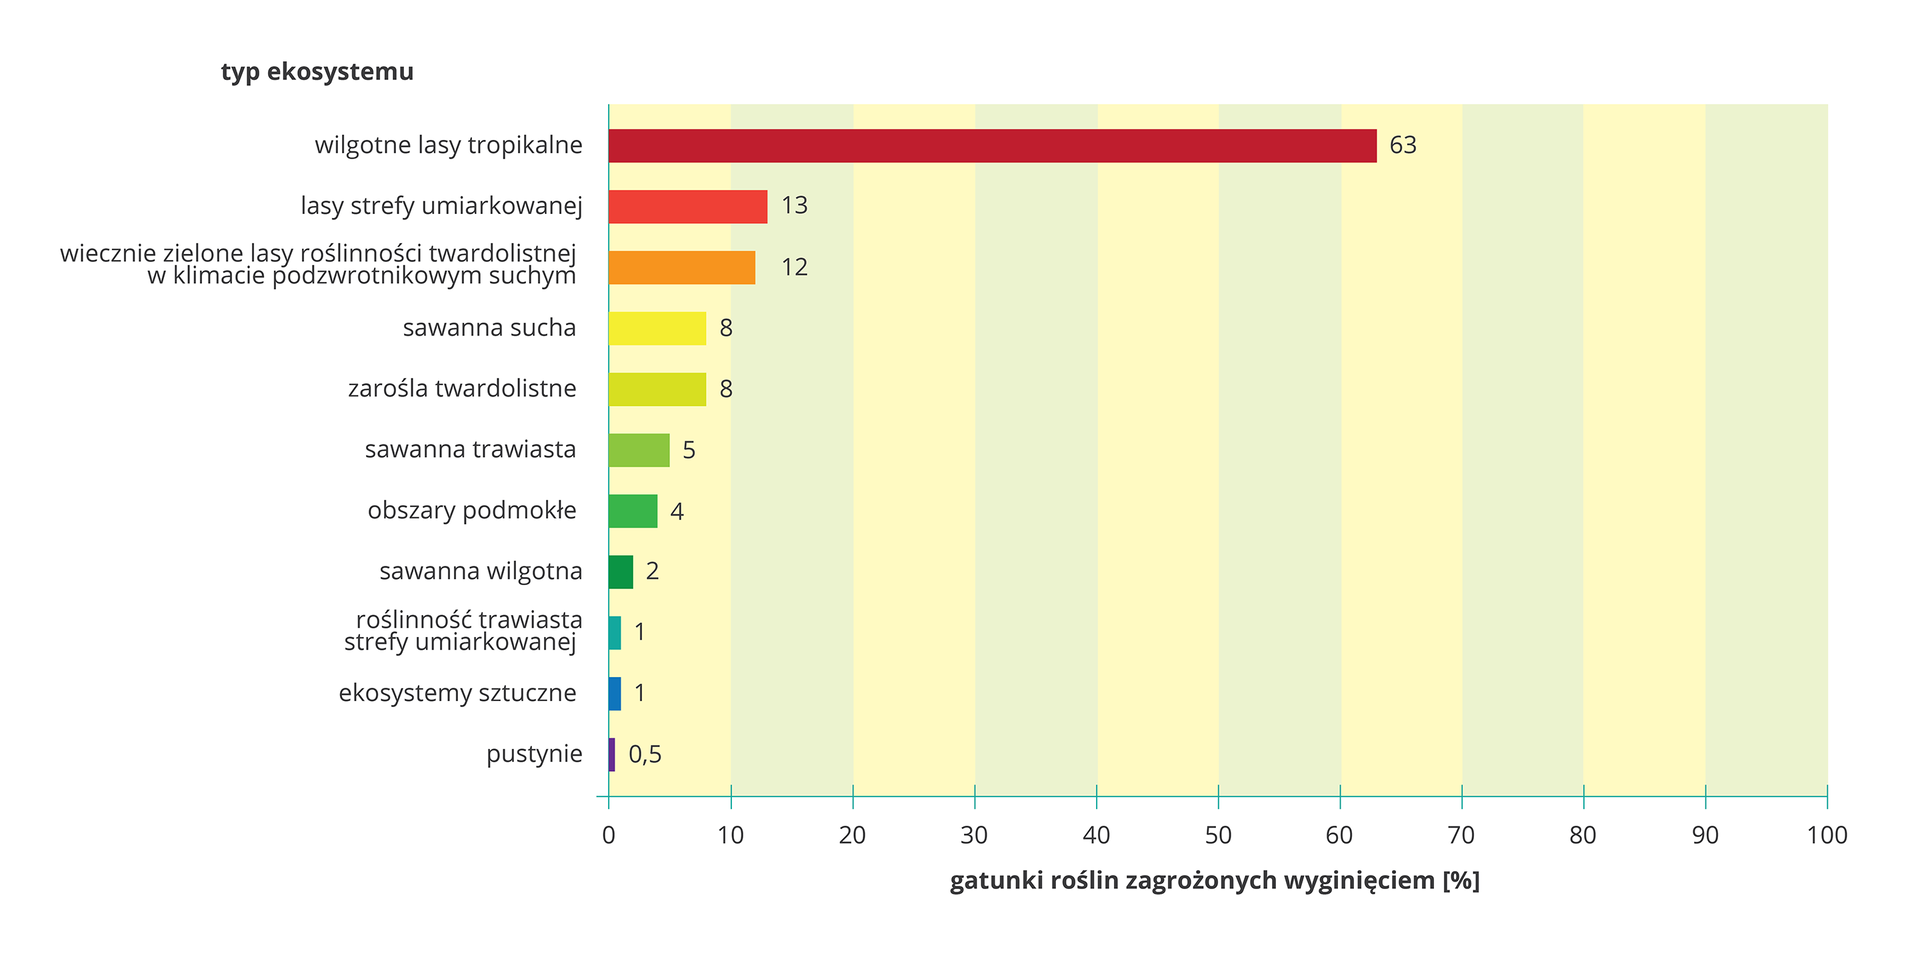 Ilustracja przedstawia poziomy diagram słupkowy. Różnymi kolorami oznaczono ekosystemy, wypisane po lewej przy osi Y. Na osi Xwyskalowano procenty. Długość słupka dla ekosystemu oznacza procent gatunków roślin, zagrożonych wnim wyginięciem.